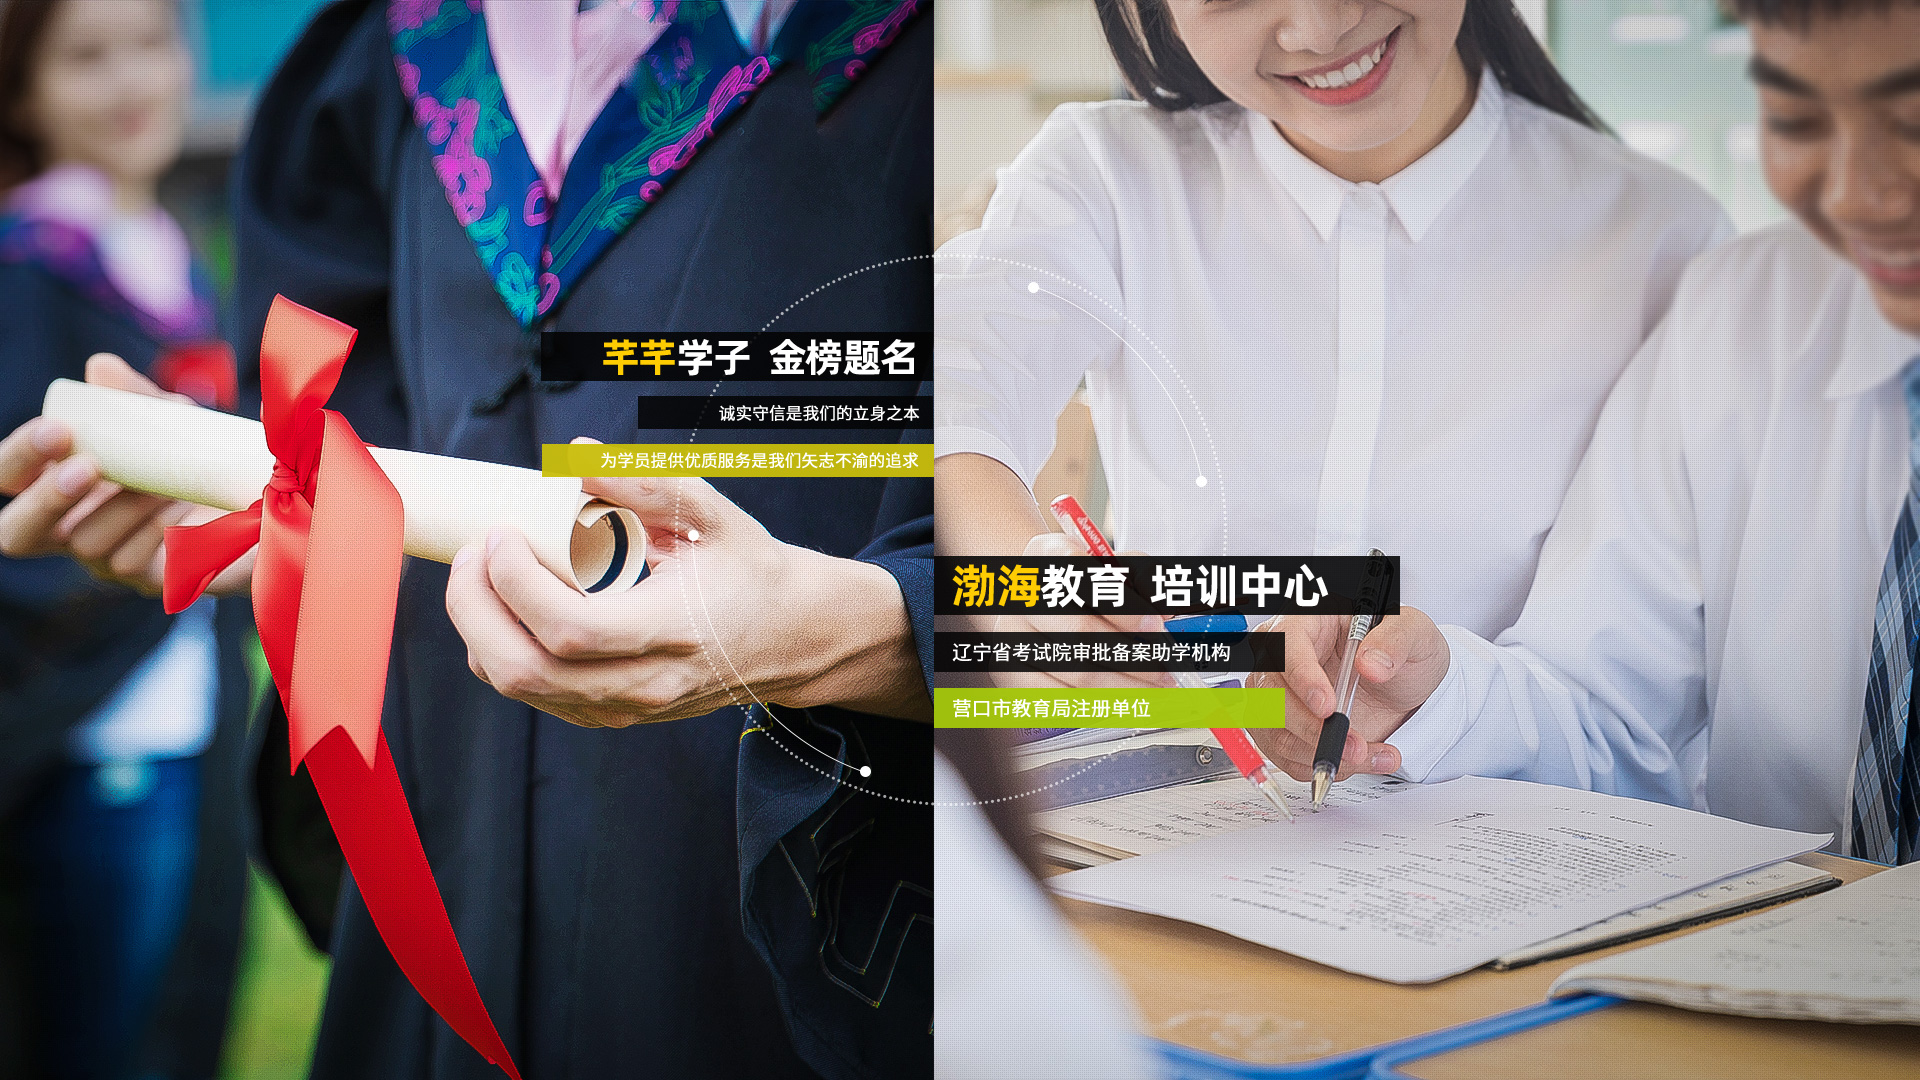 营口市渤海教育培训中心